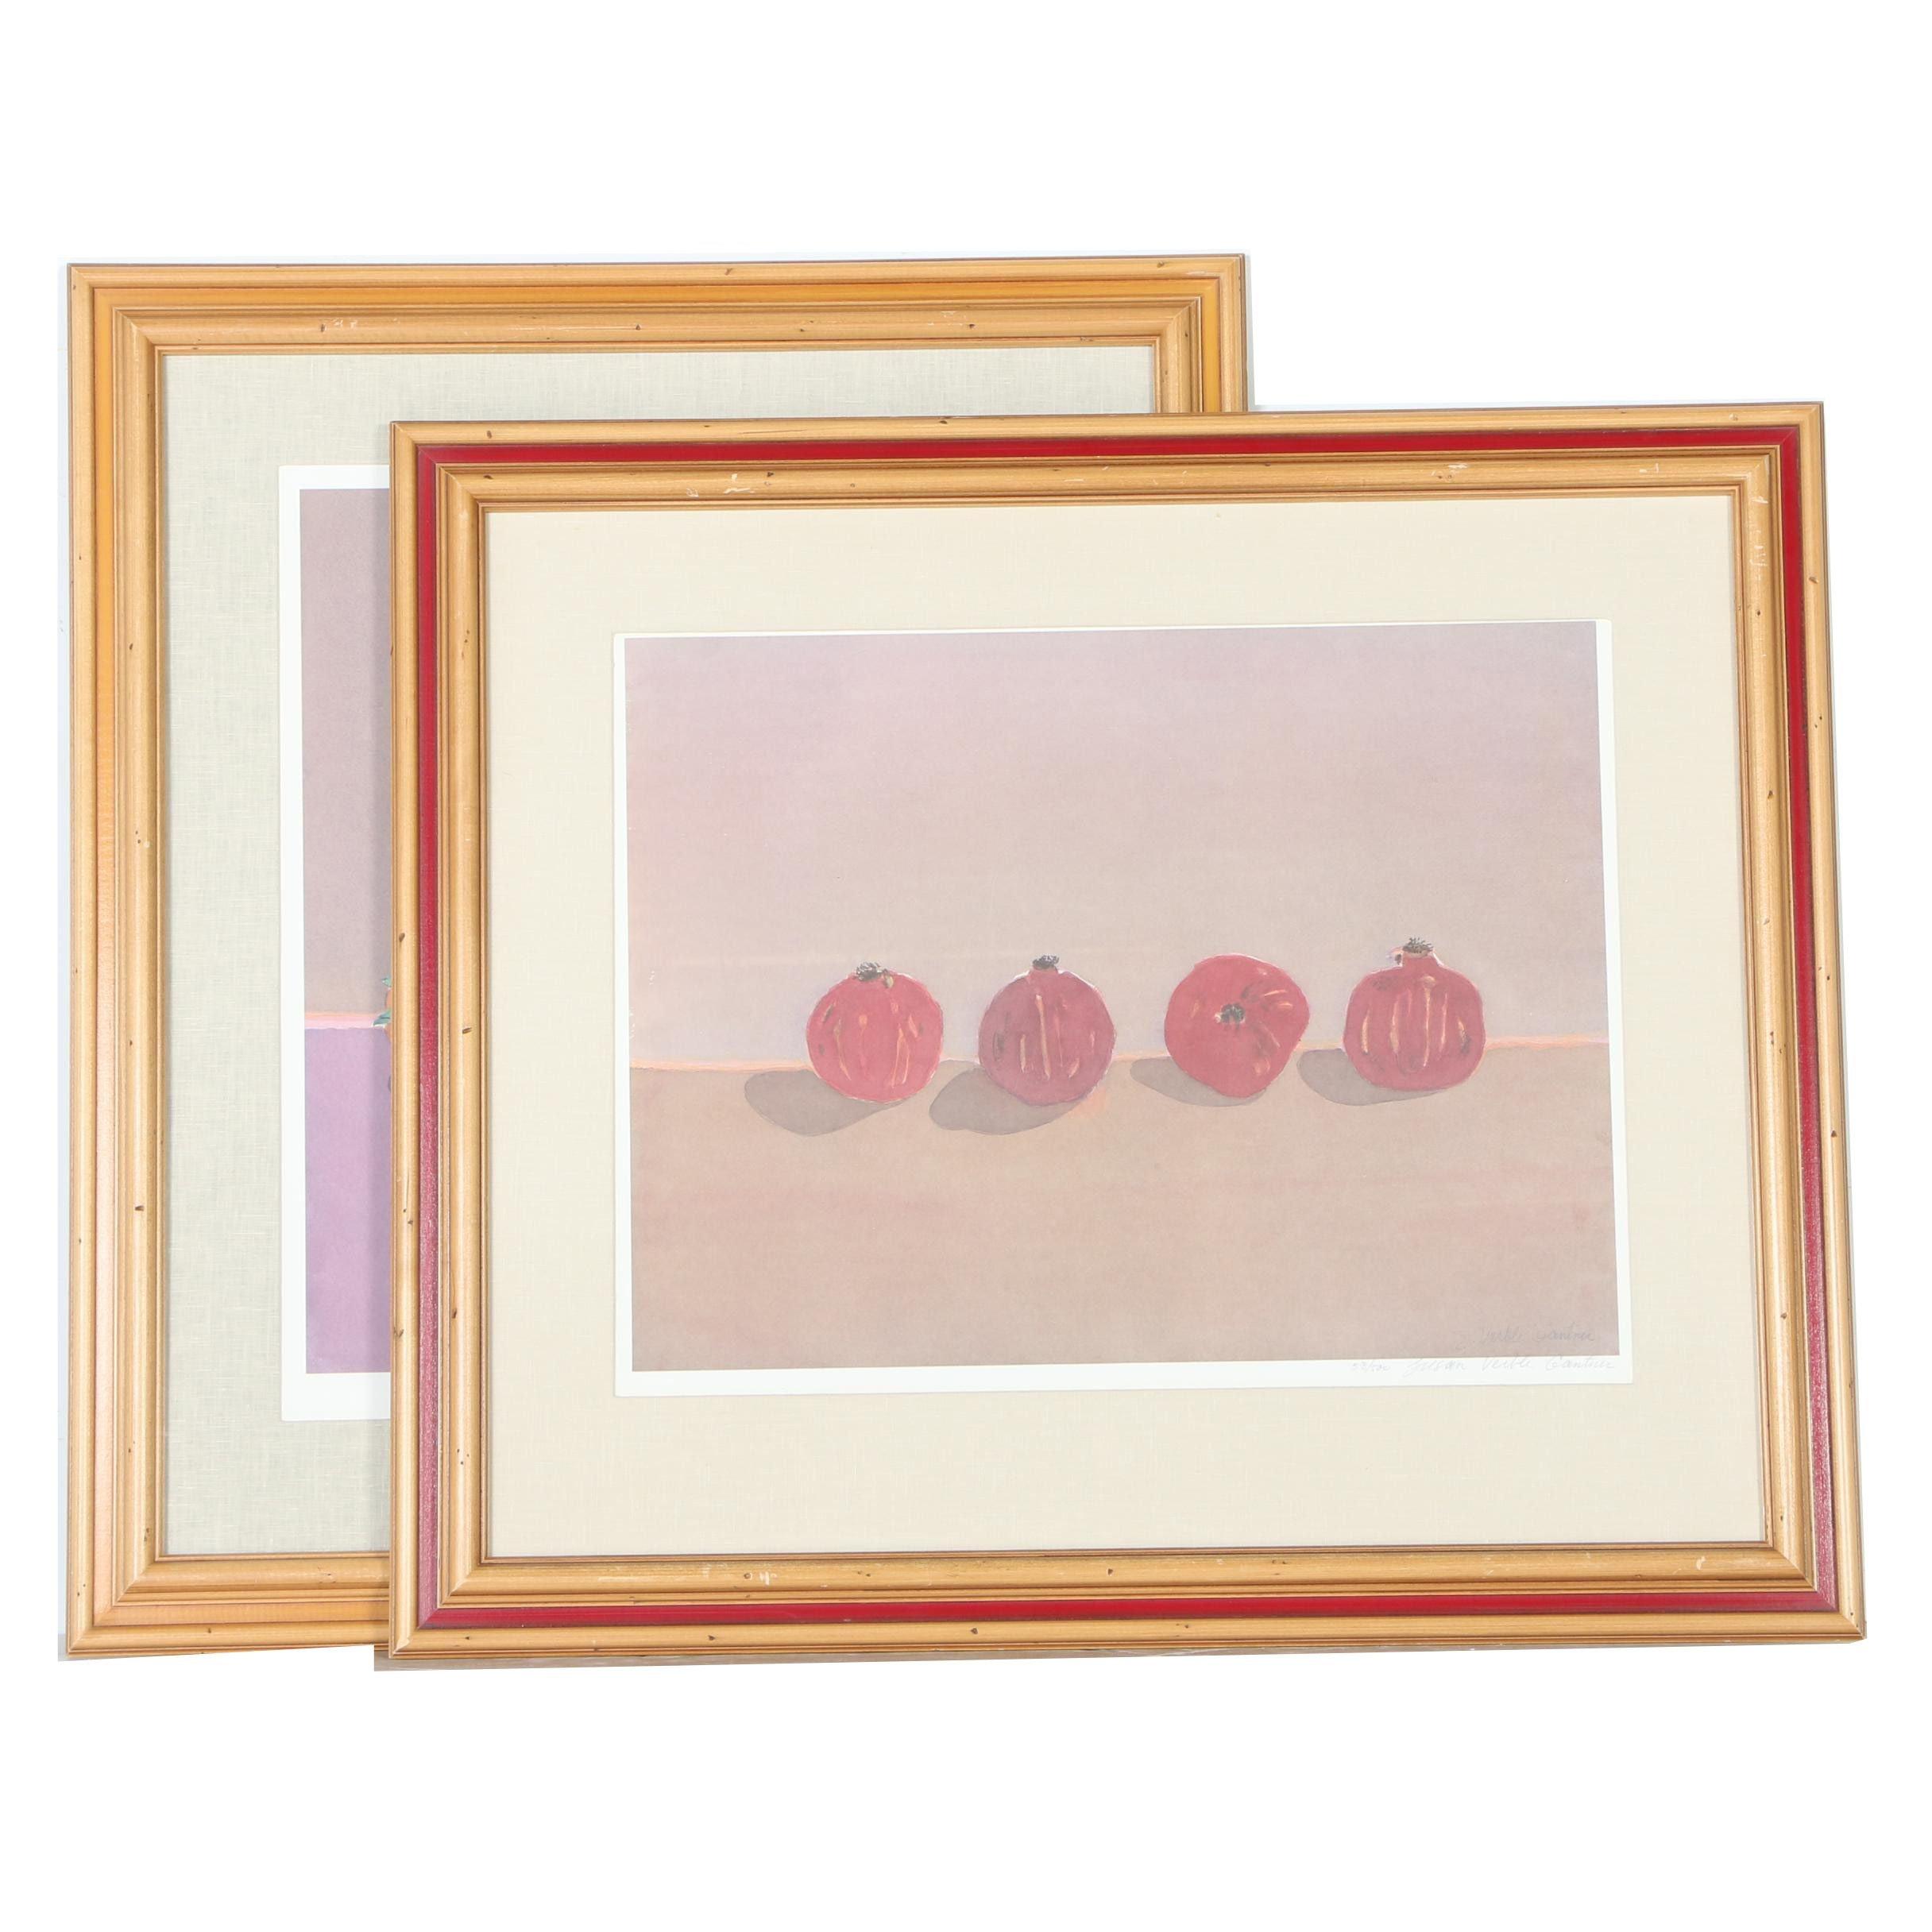 Susan Gantner Limited Edition Offset Lithographs of Fruit Still Lifes